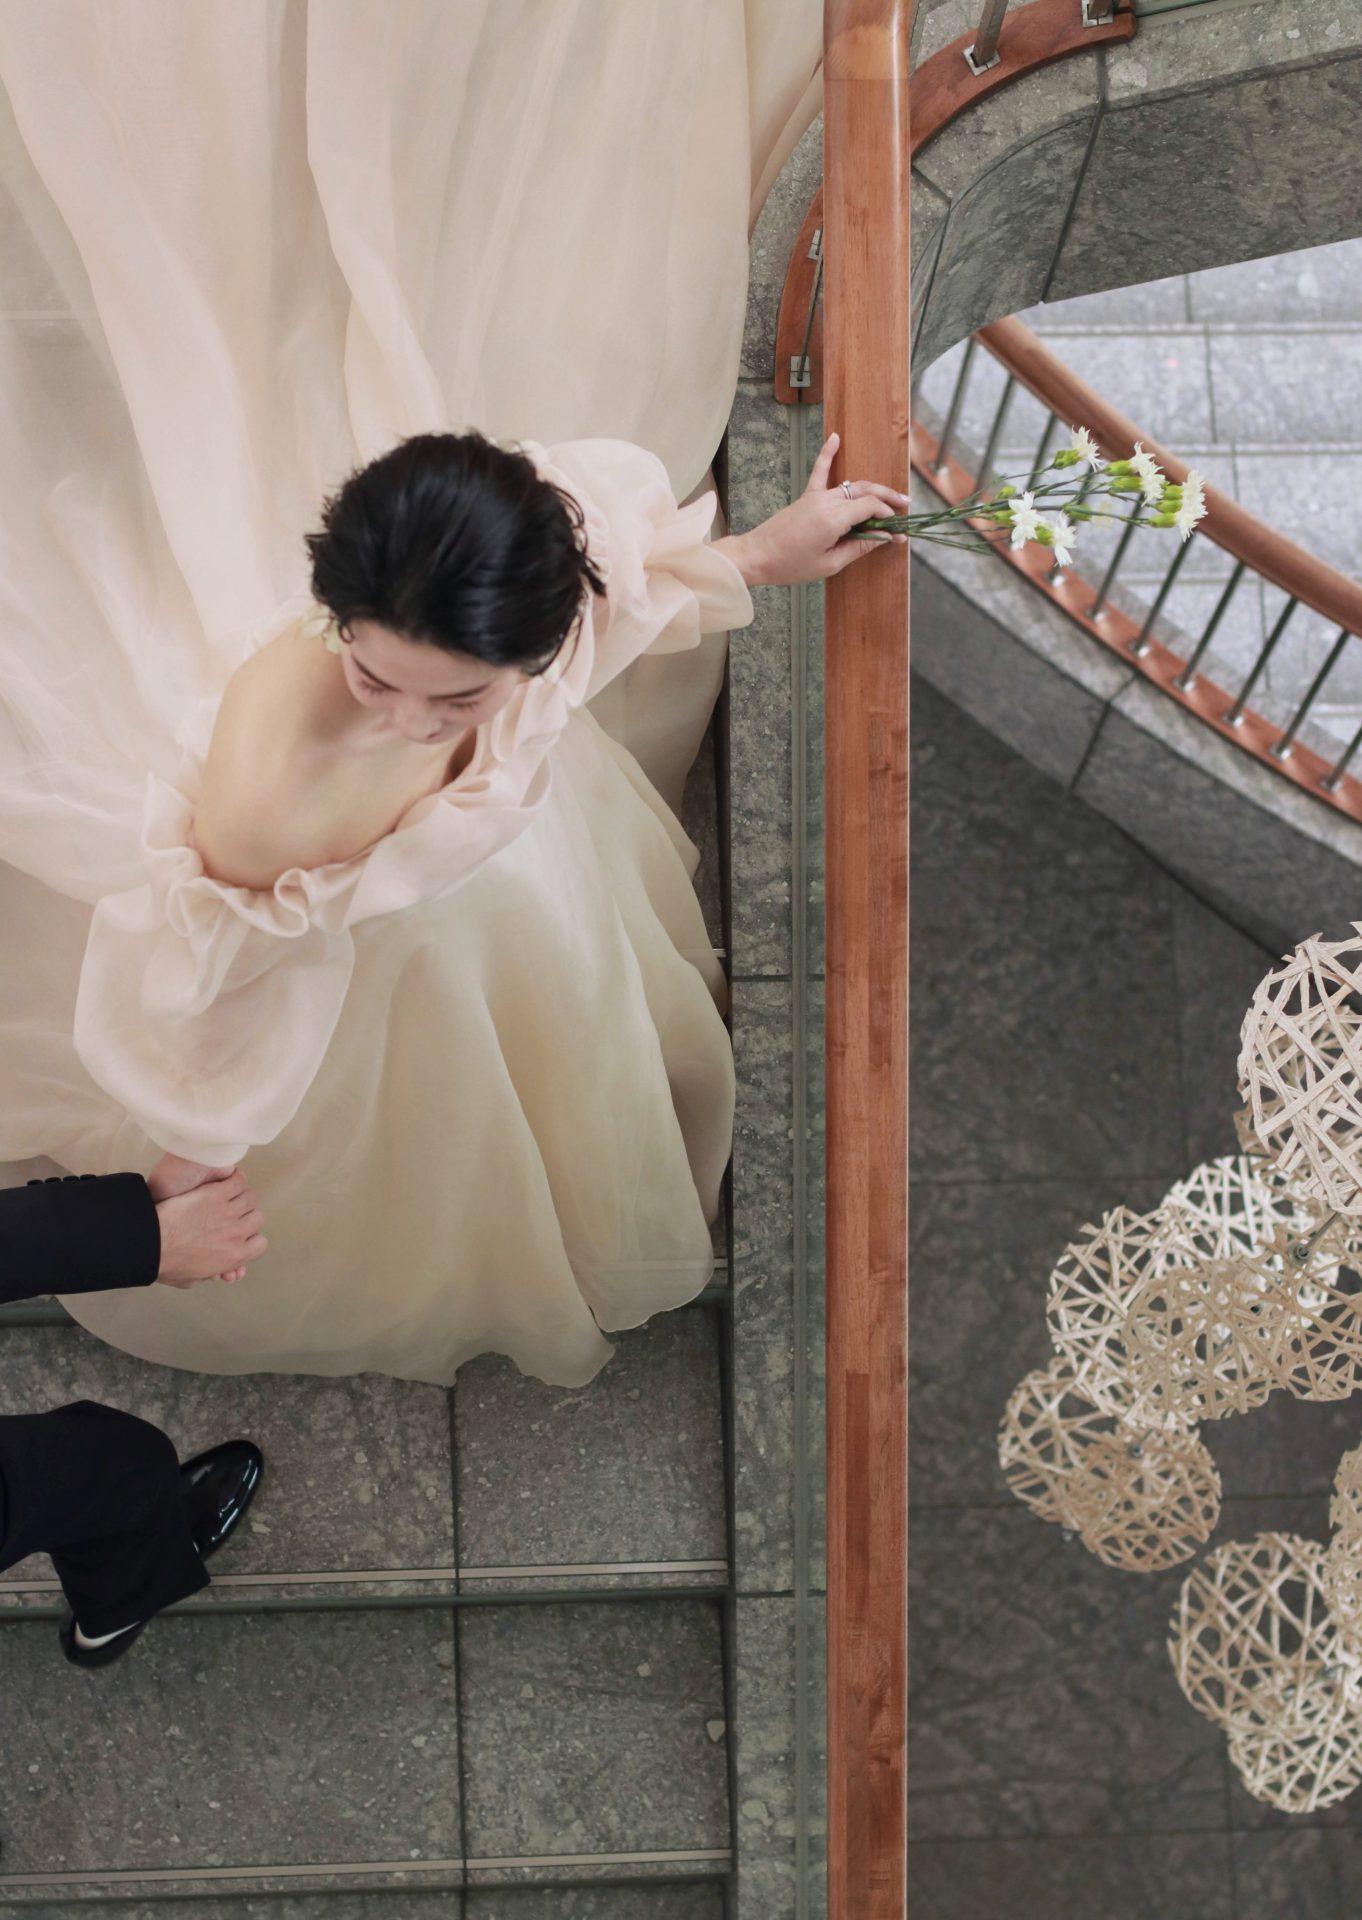 パレスホテル東京の螺旋階段では、タキシード姿の新郎に手を引かれ新婦が歩みを進めるような、映画のワンシーンの様な写真が残せる為、前撮りにおすすめです